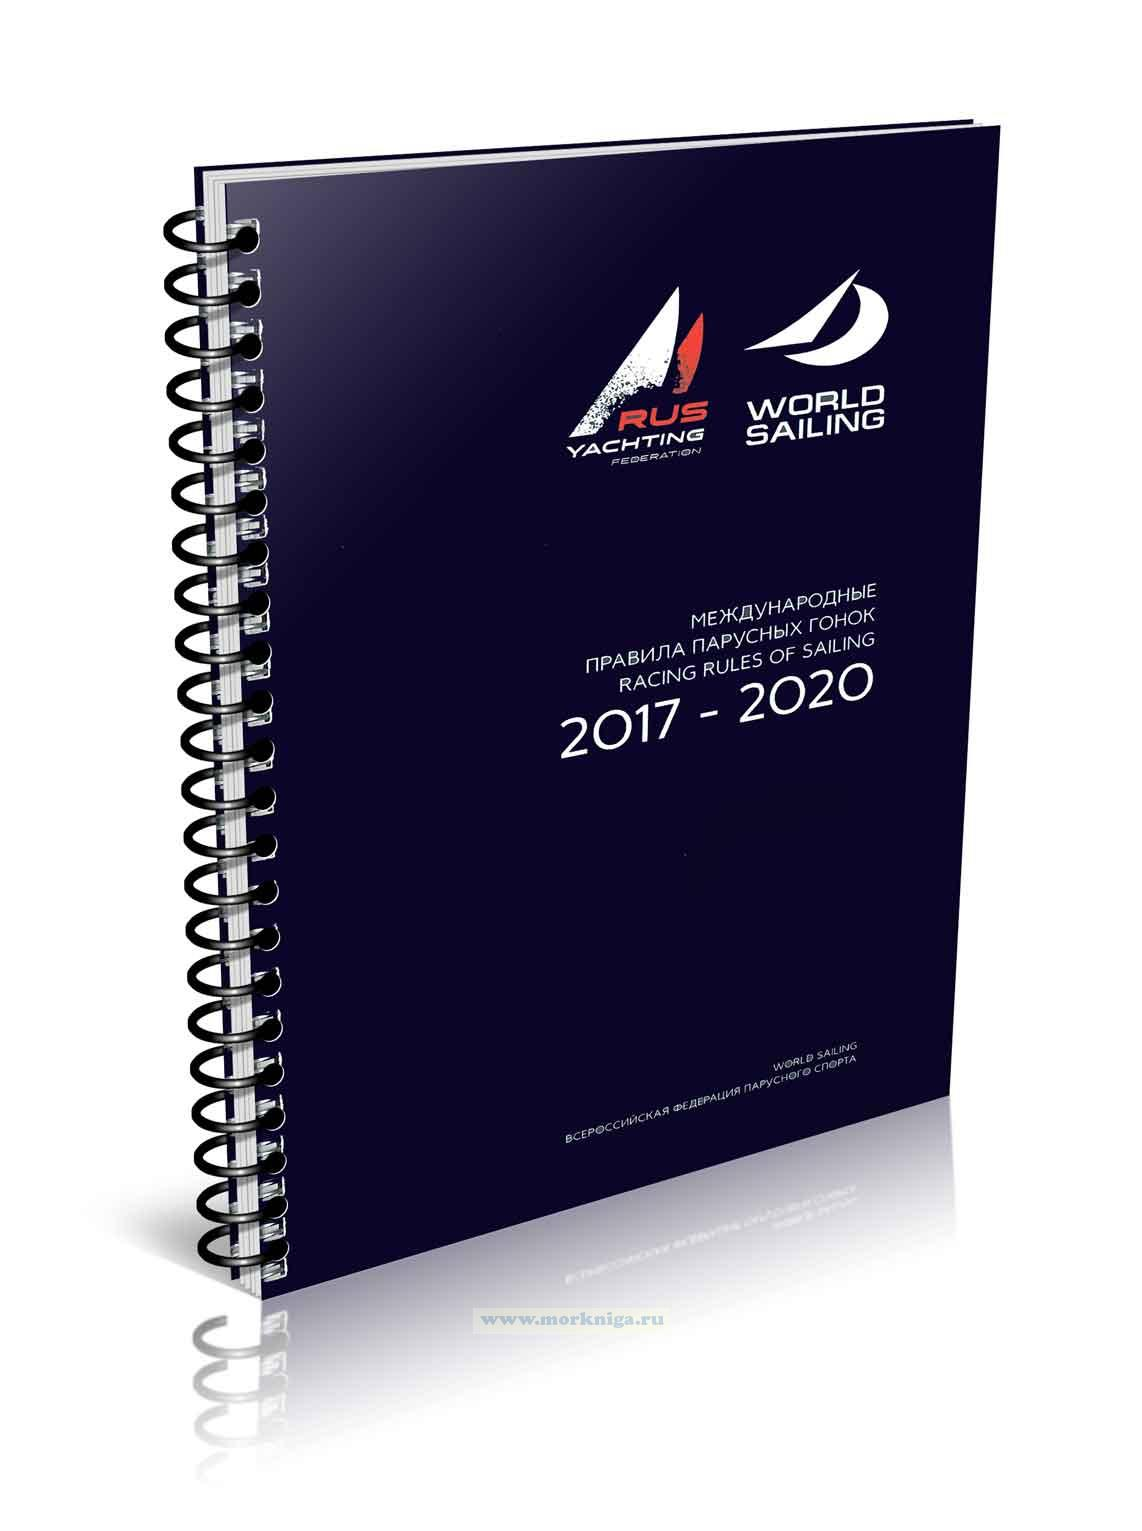 Международные правила парусных гонок 2017-2020 ППГ-17 Официальное издание